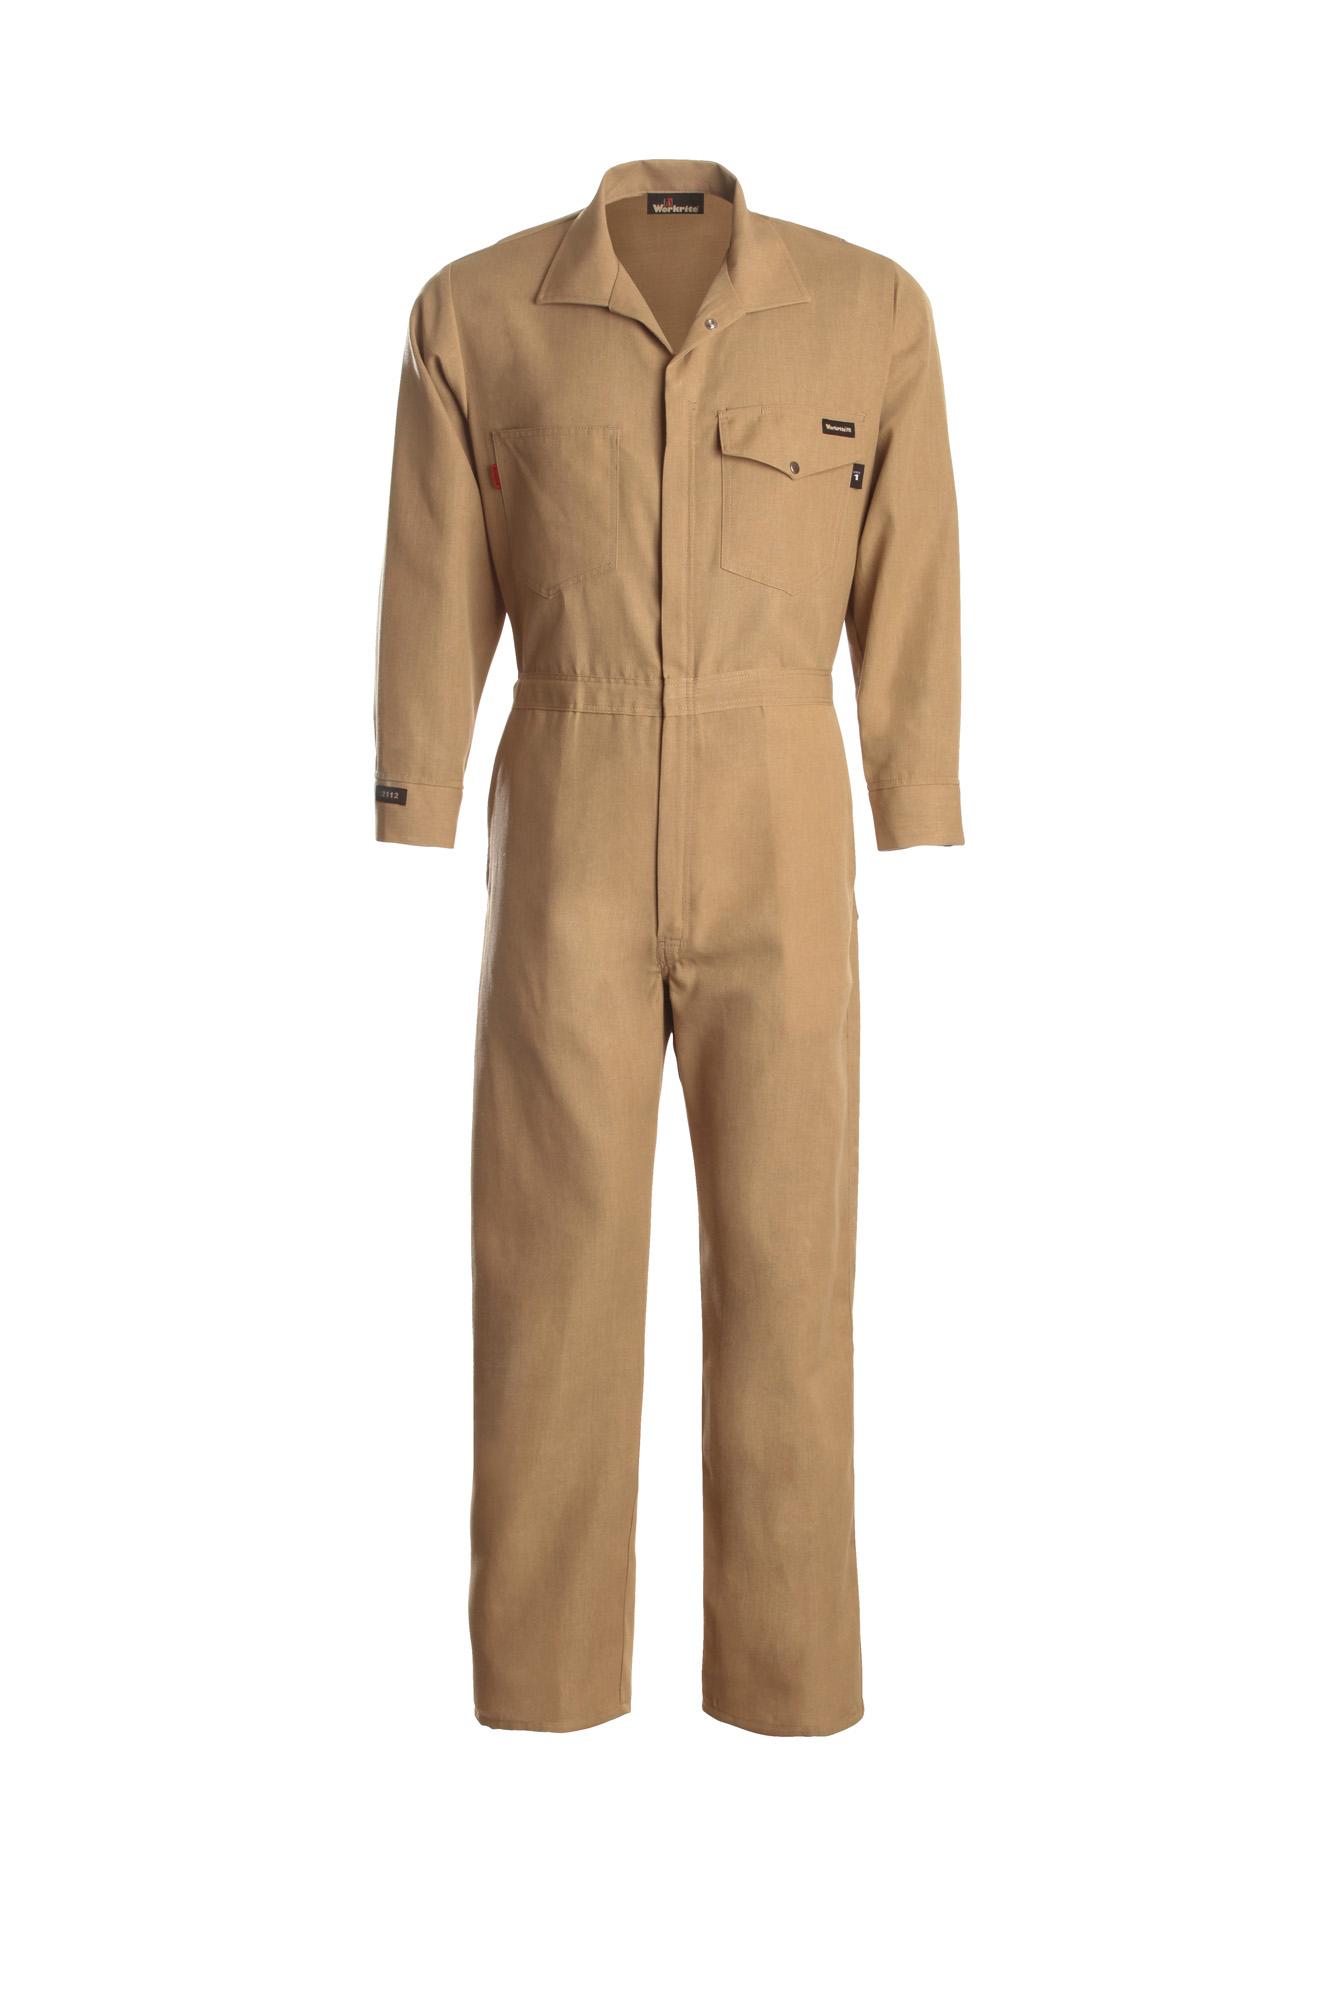 Workrite Uniform Co Workrite 4 5 Oz Nomex Industrial